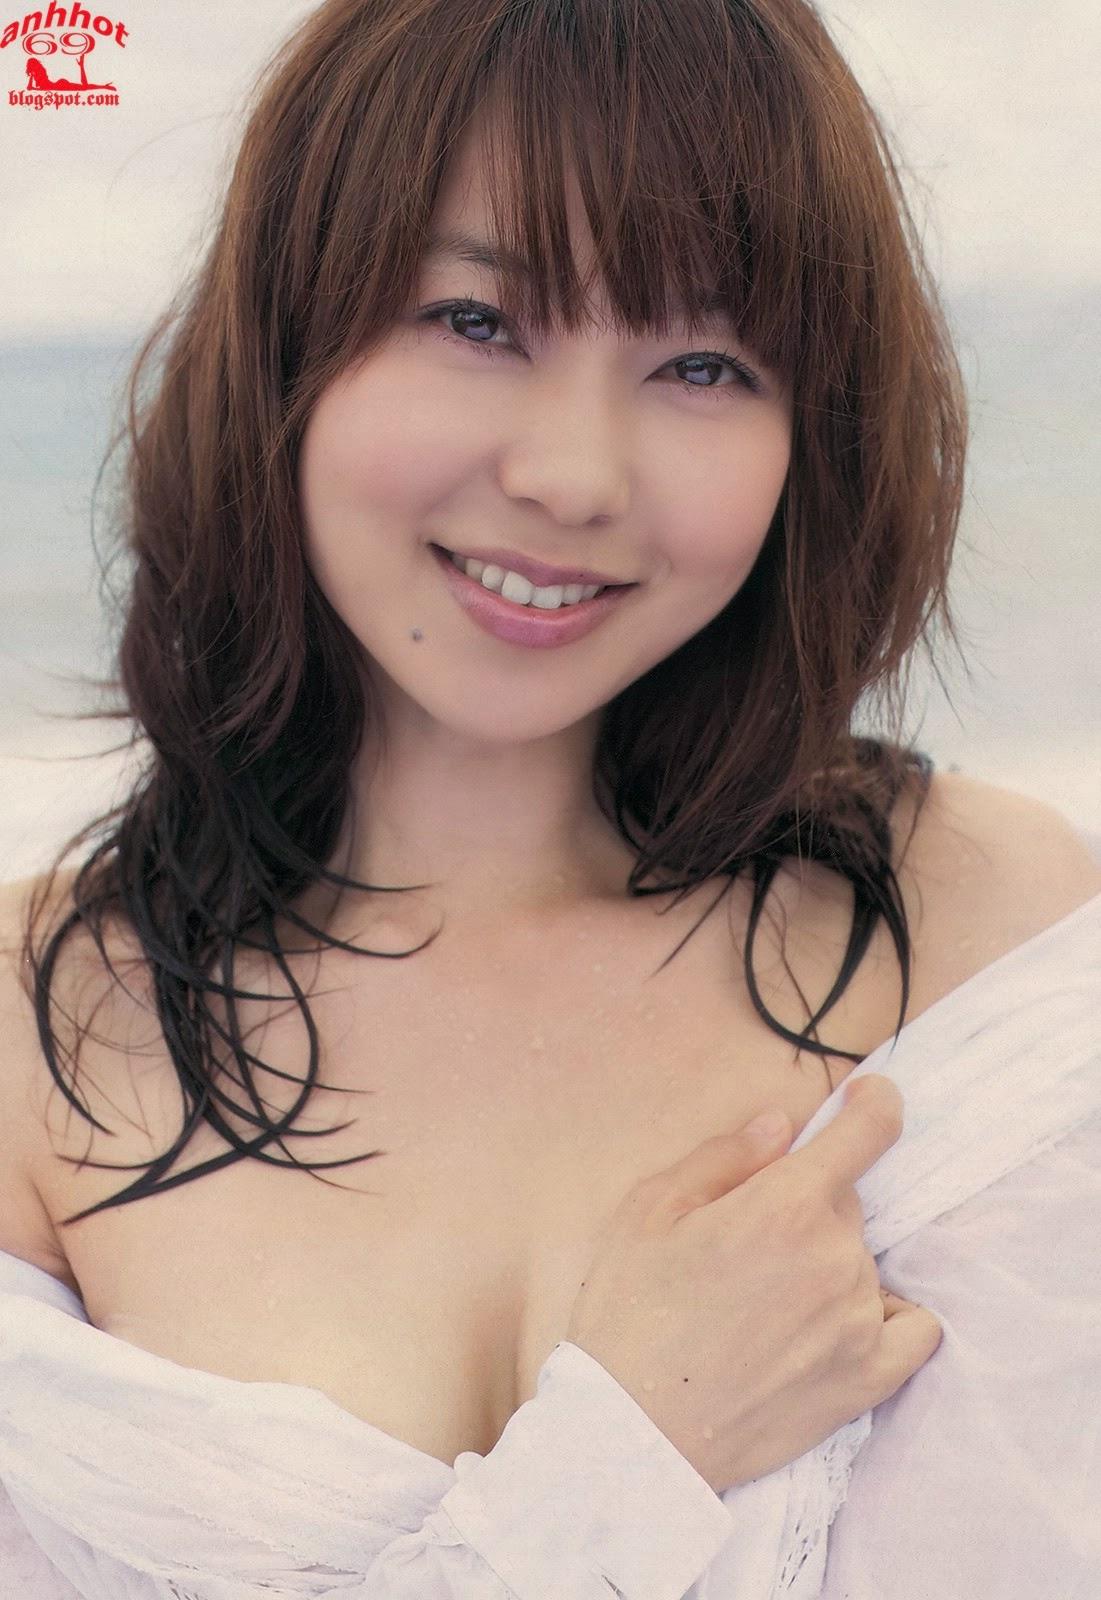 mayuko-nagasaki-02385709